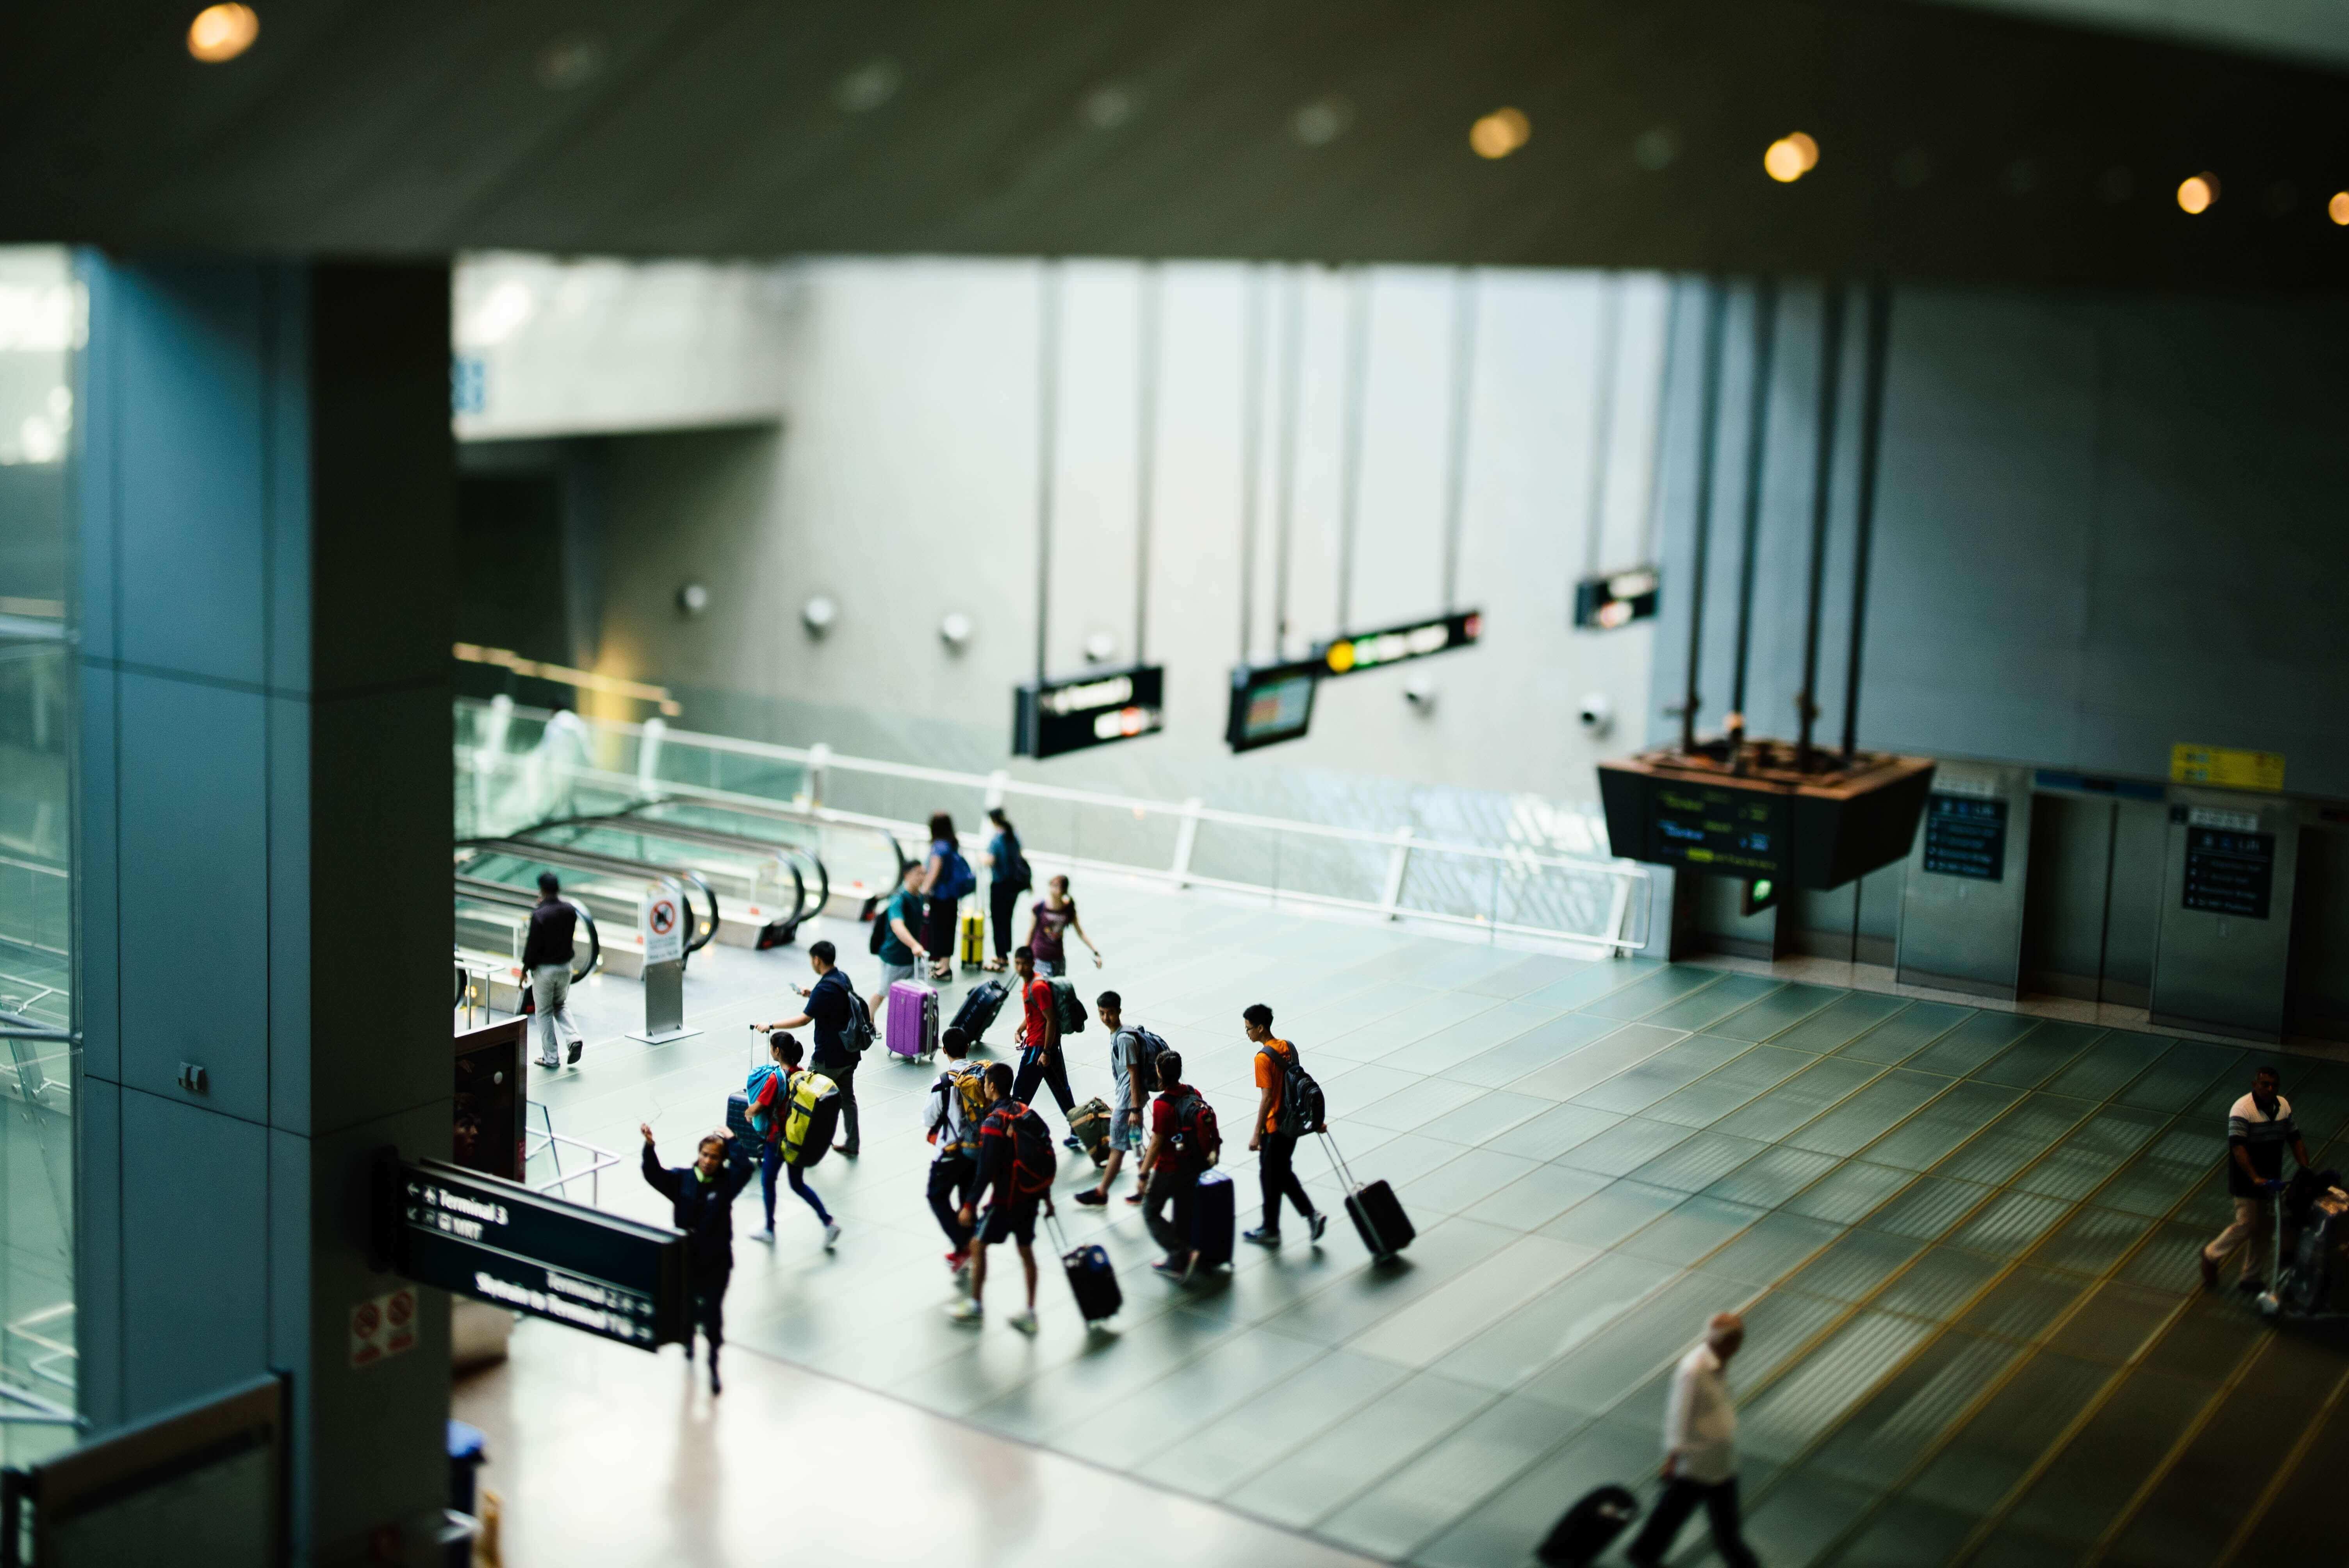 pr trends travel industry